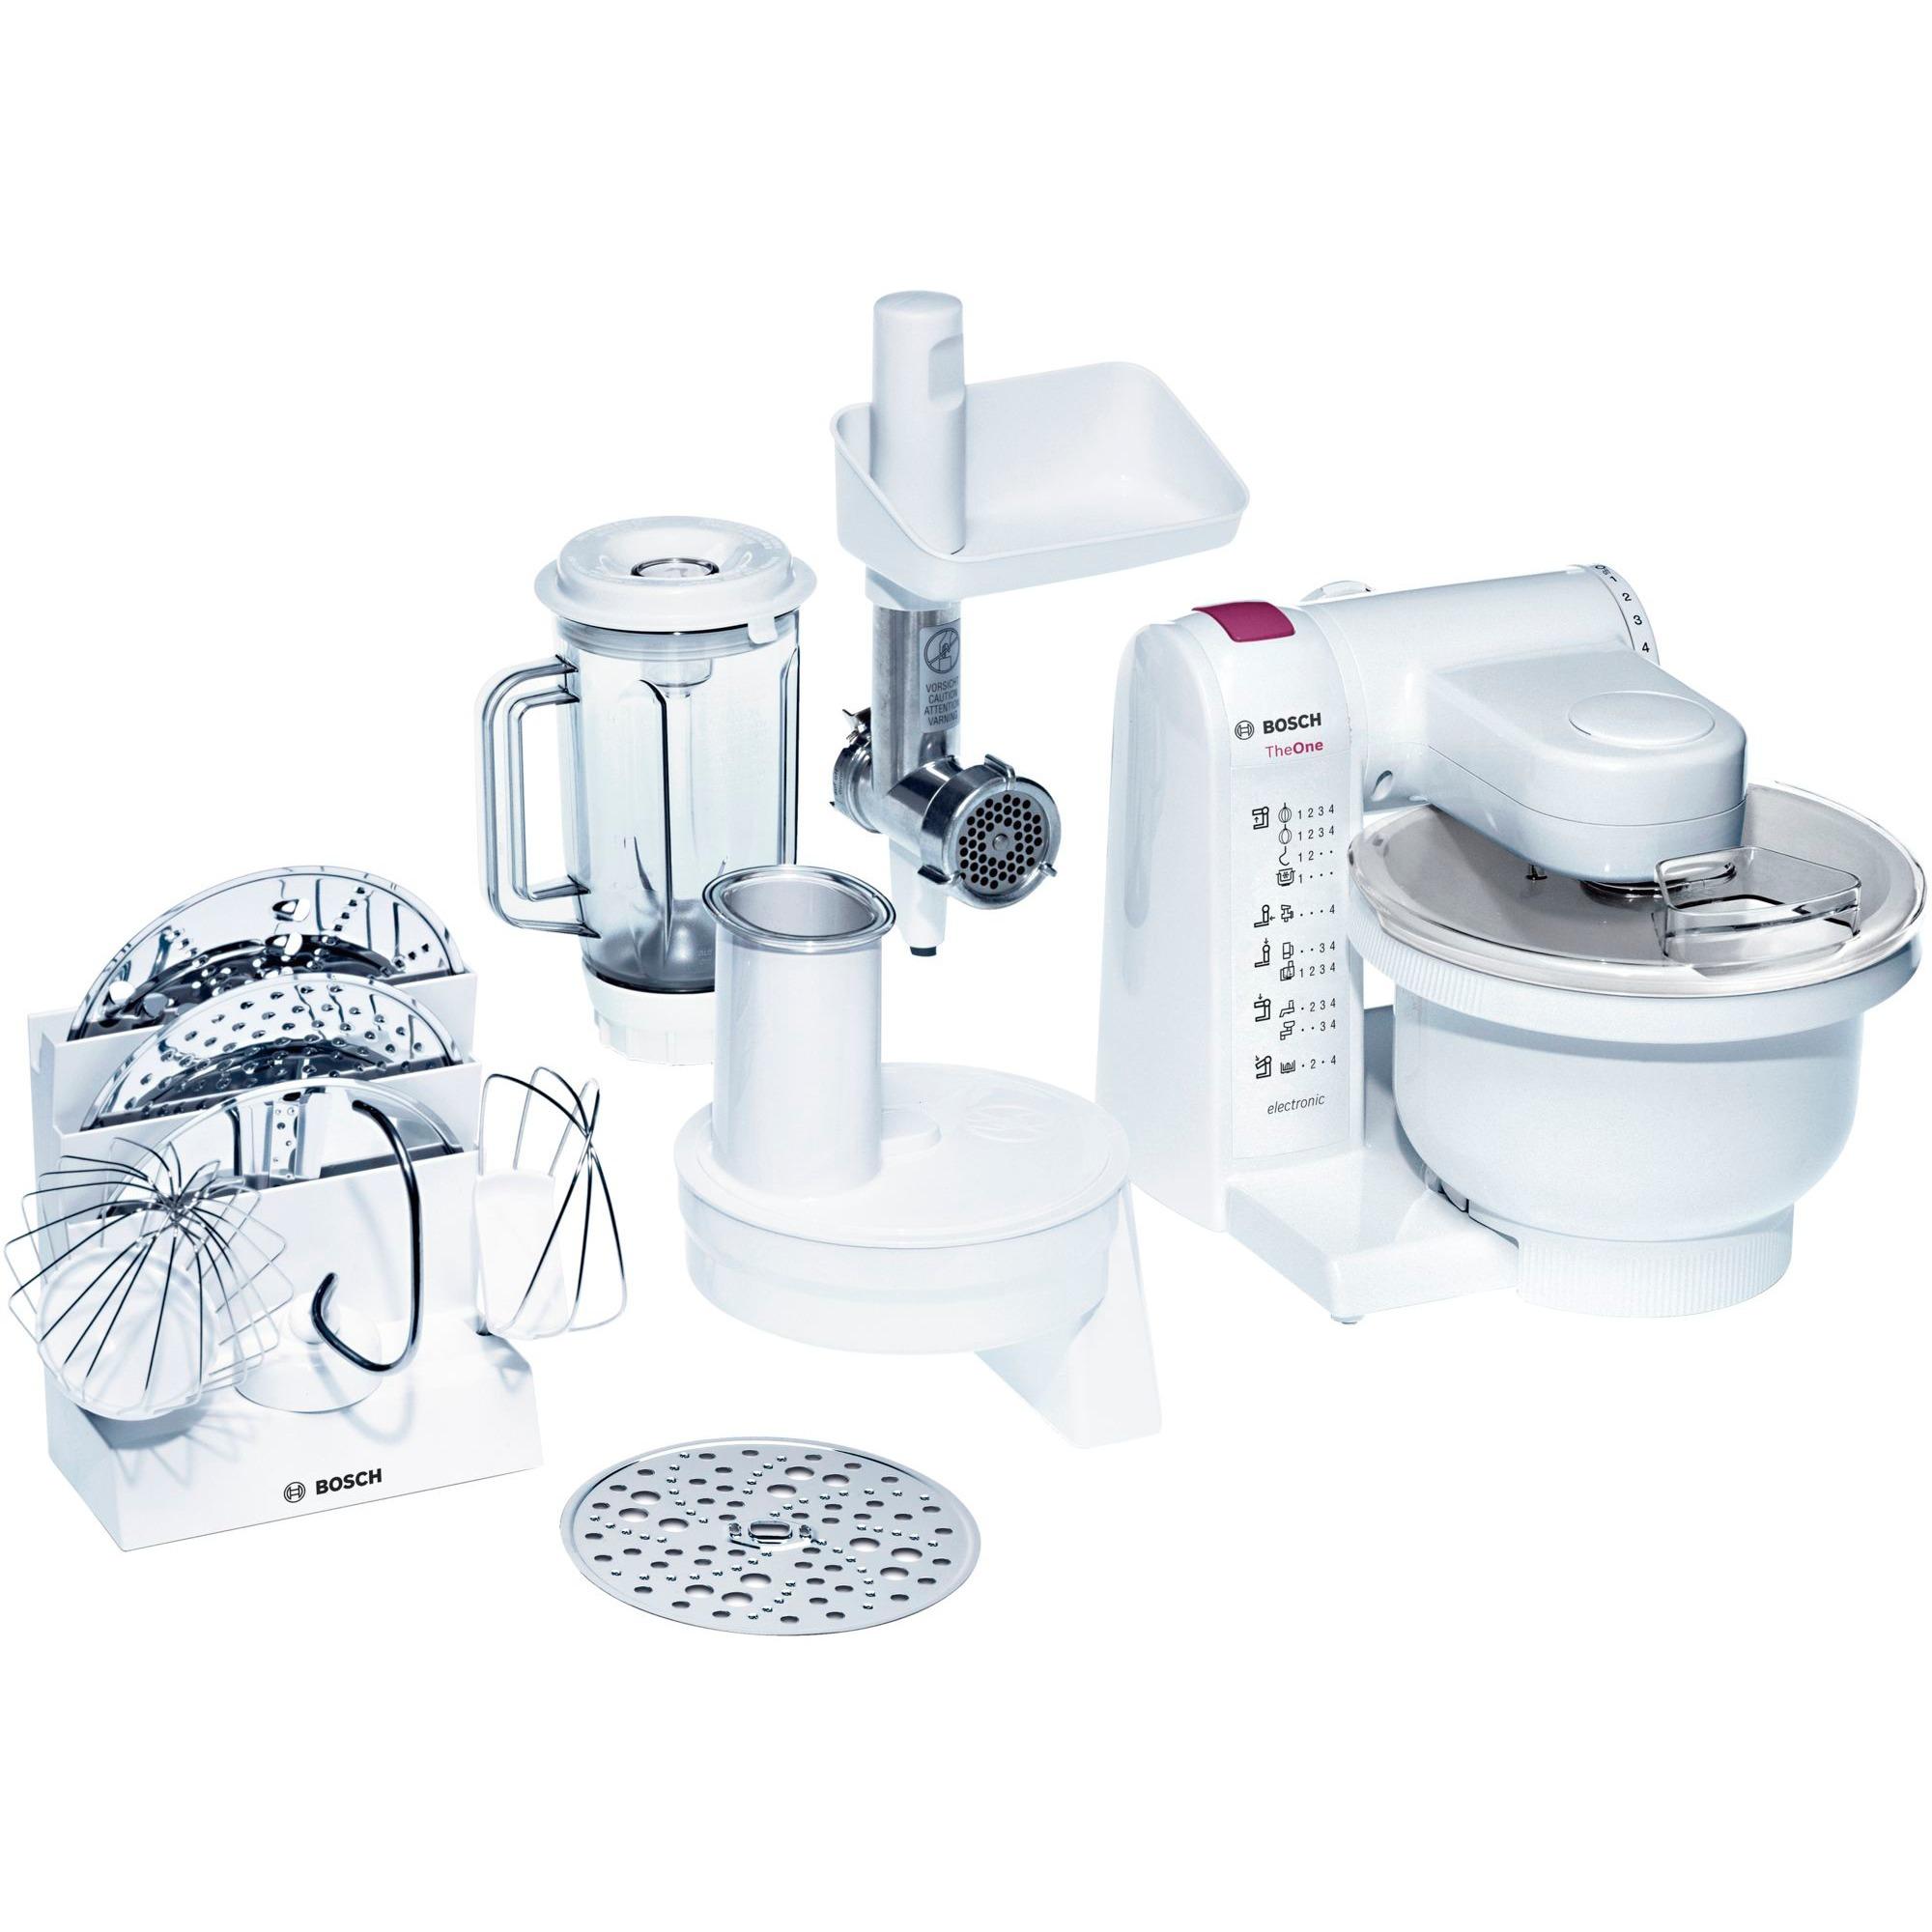 Bosch MUM4657 robot da cucina Bianco 550 W bianco, Bianco, 1 L, 1,2 ...